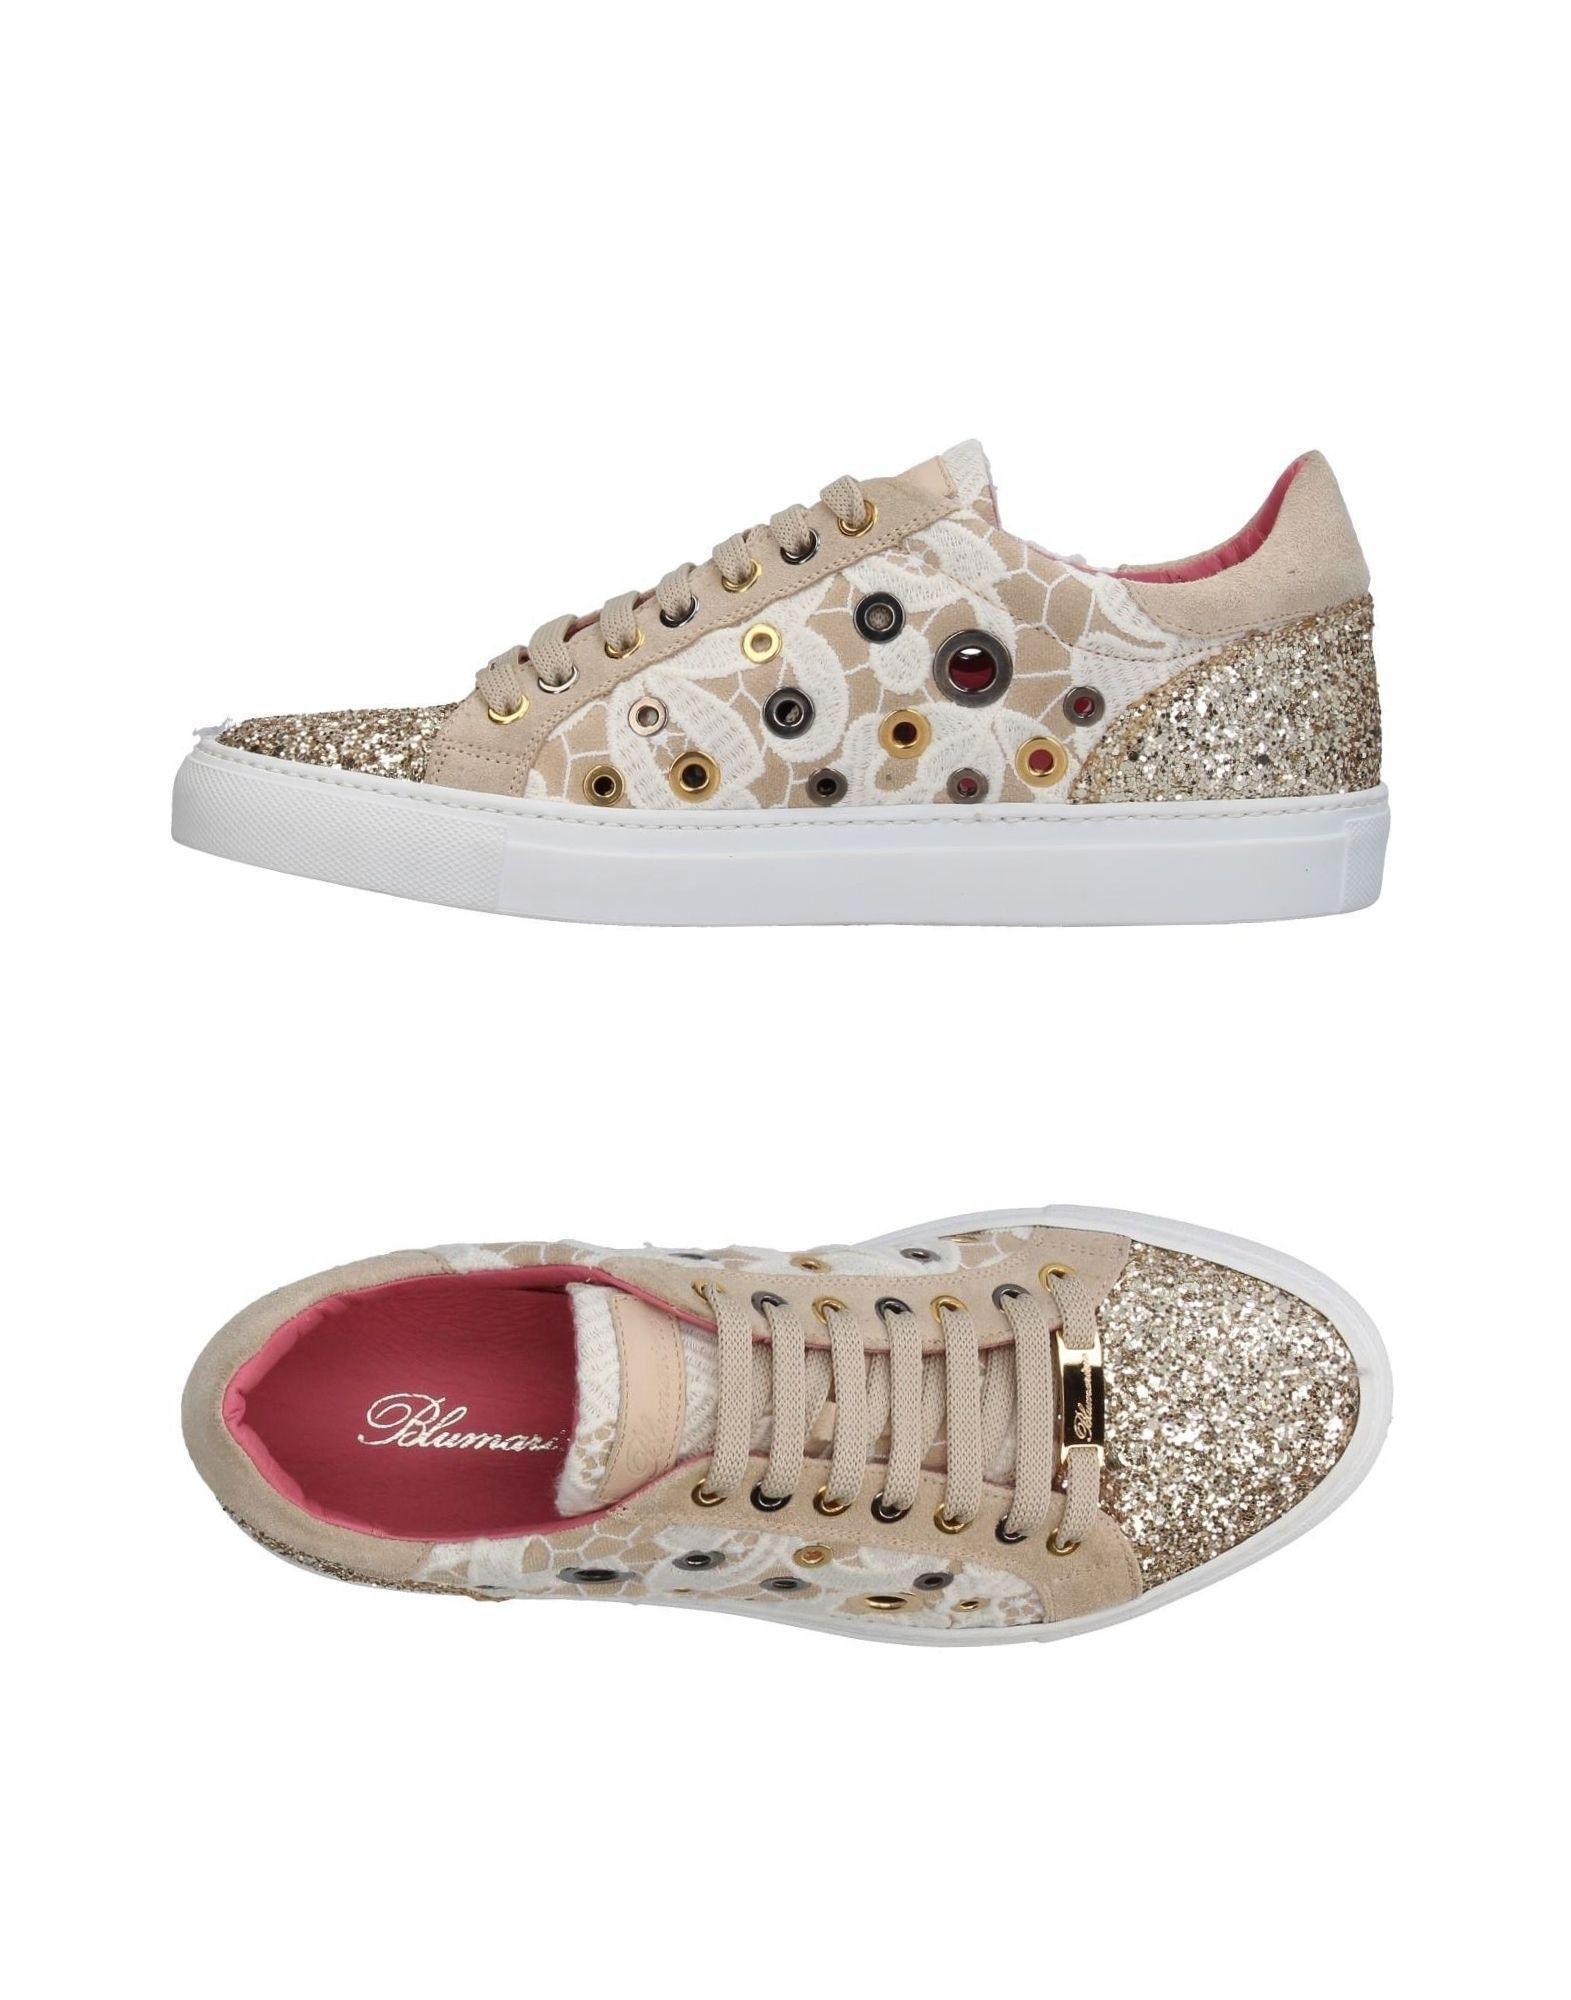 FOOTWEAR - Low-tops & sneakers Blumarine iviuo